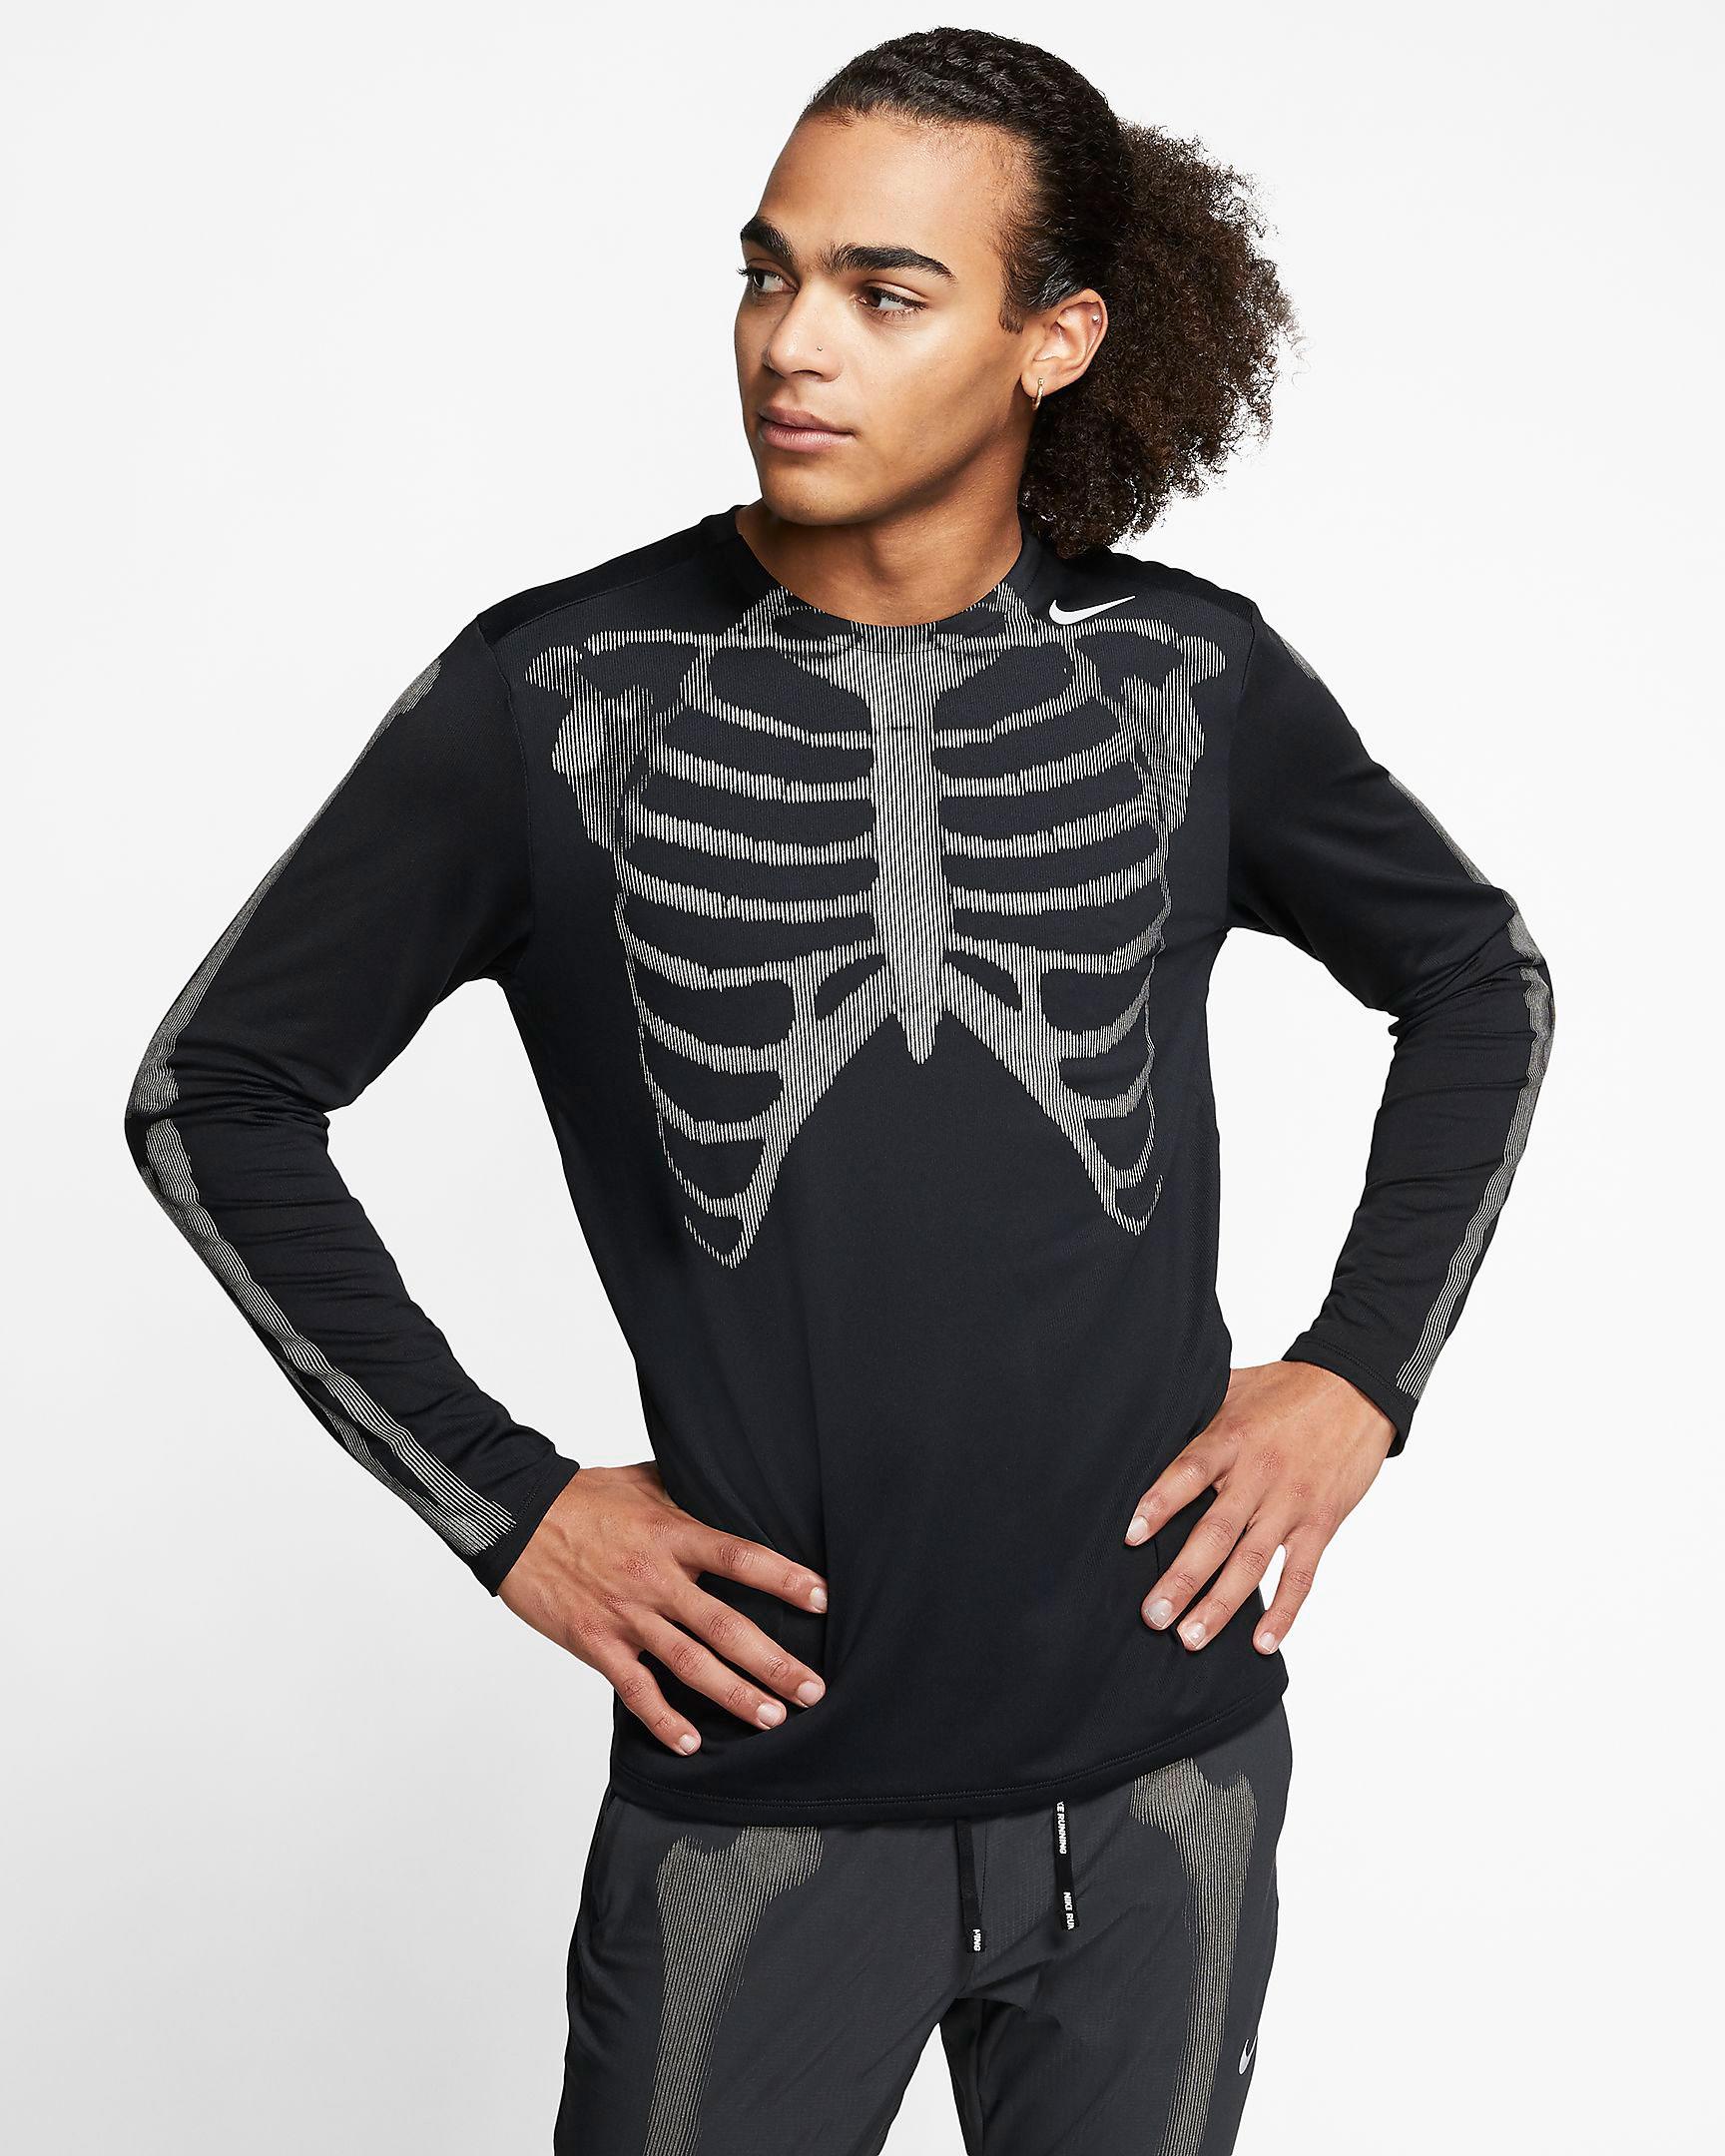 nike-black-skeleton-shirt-1